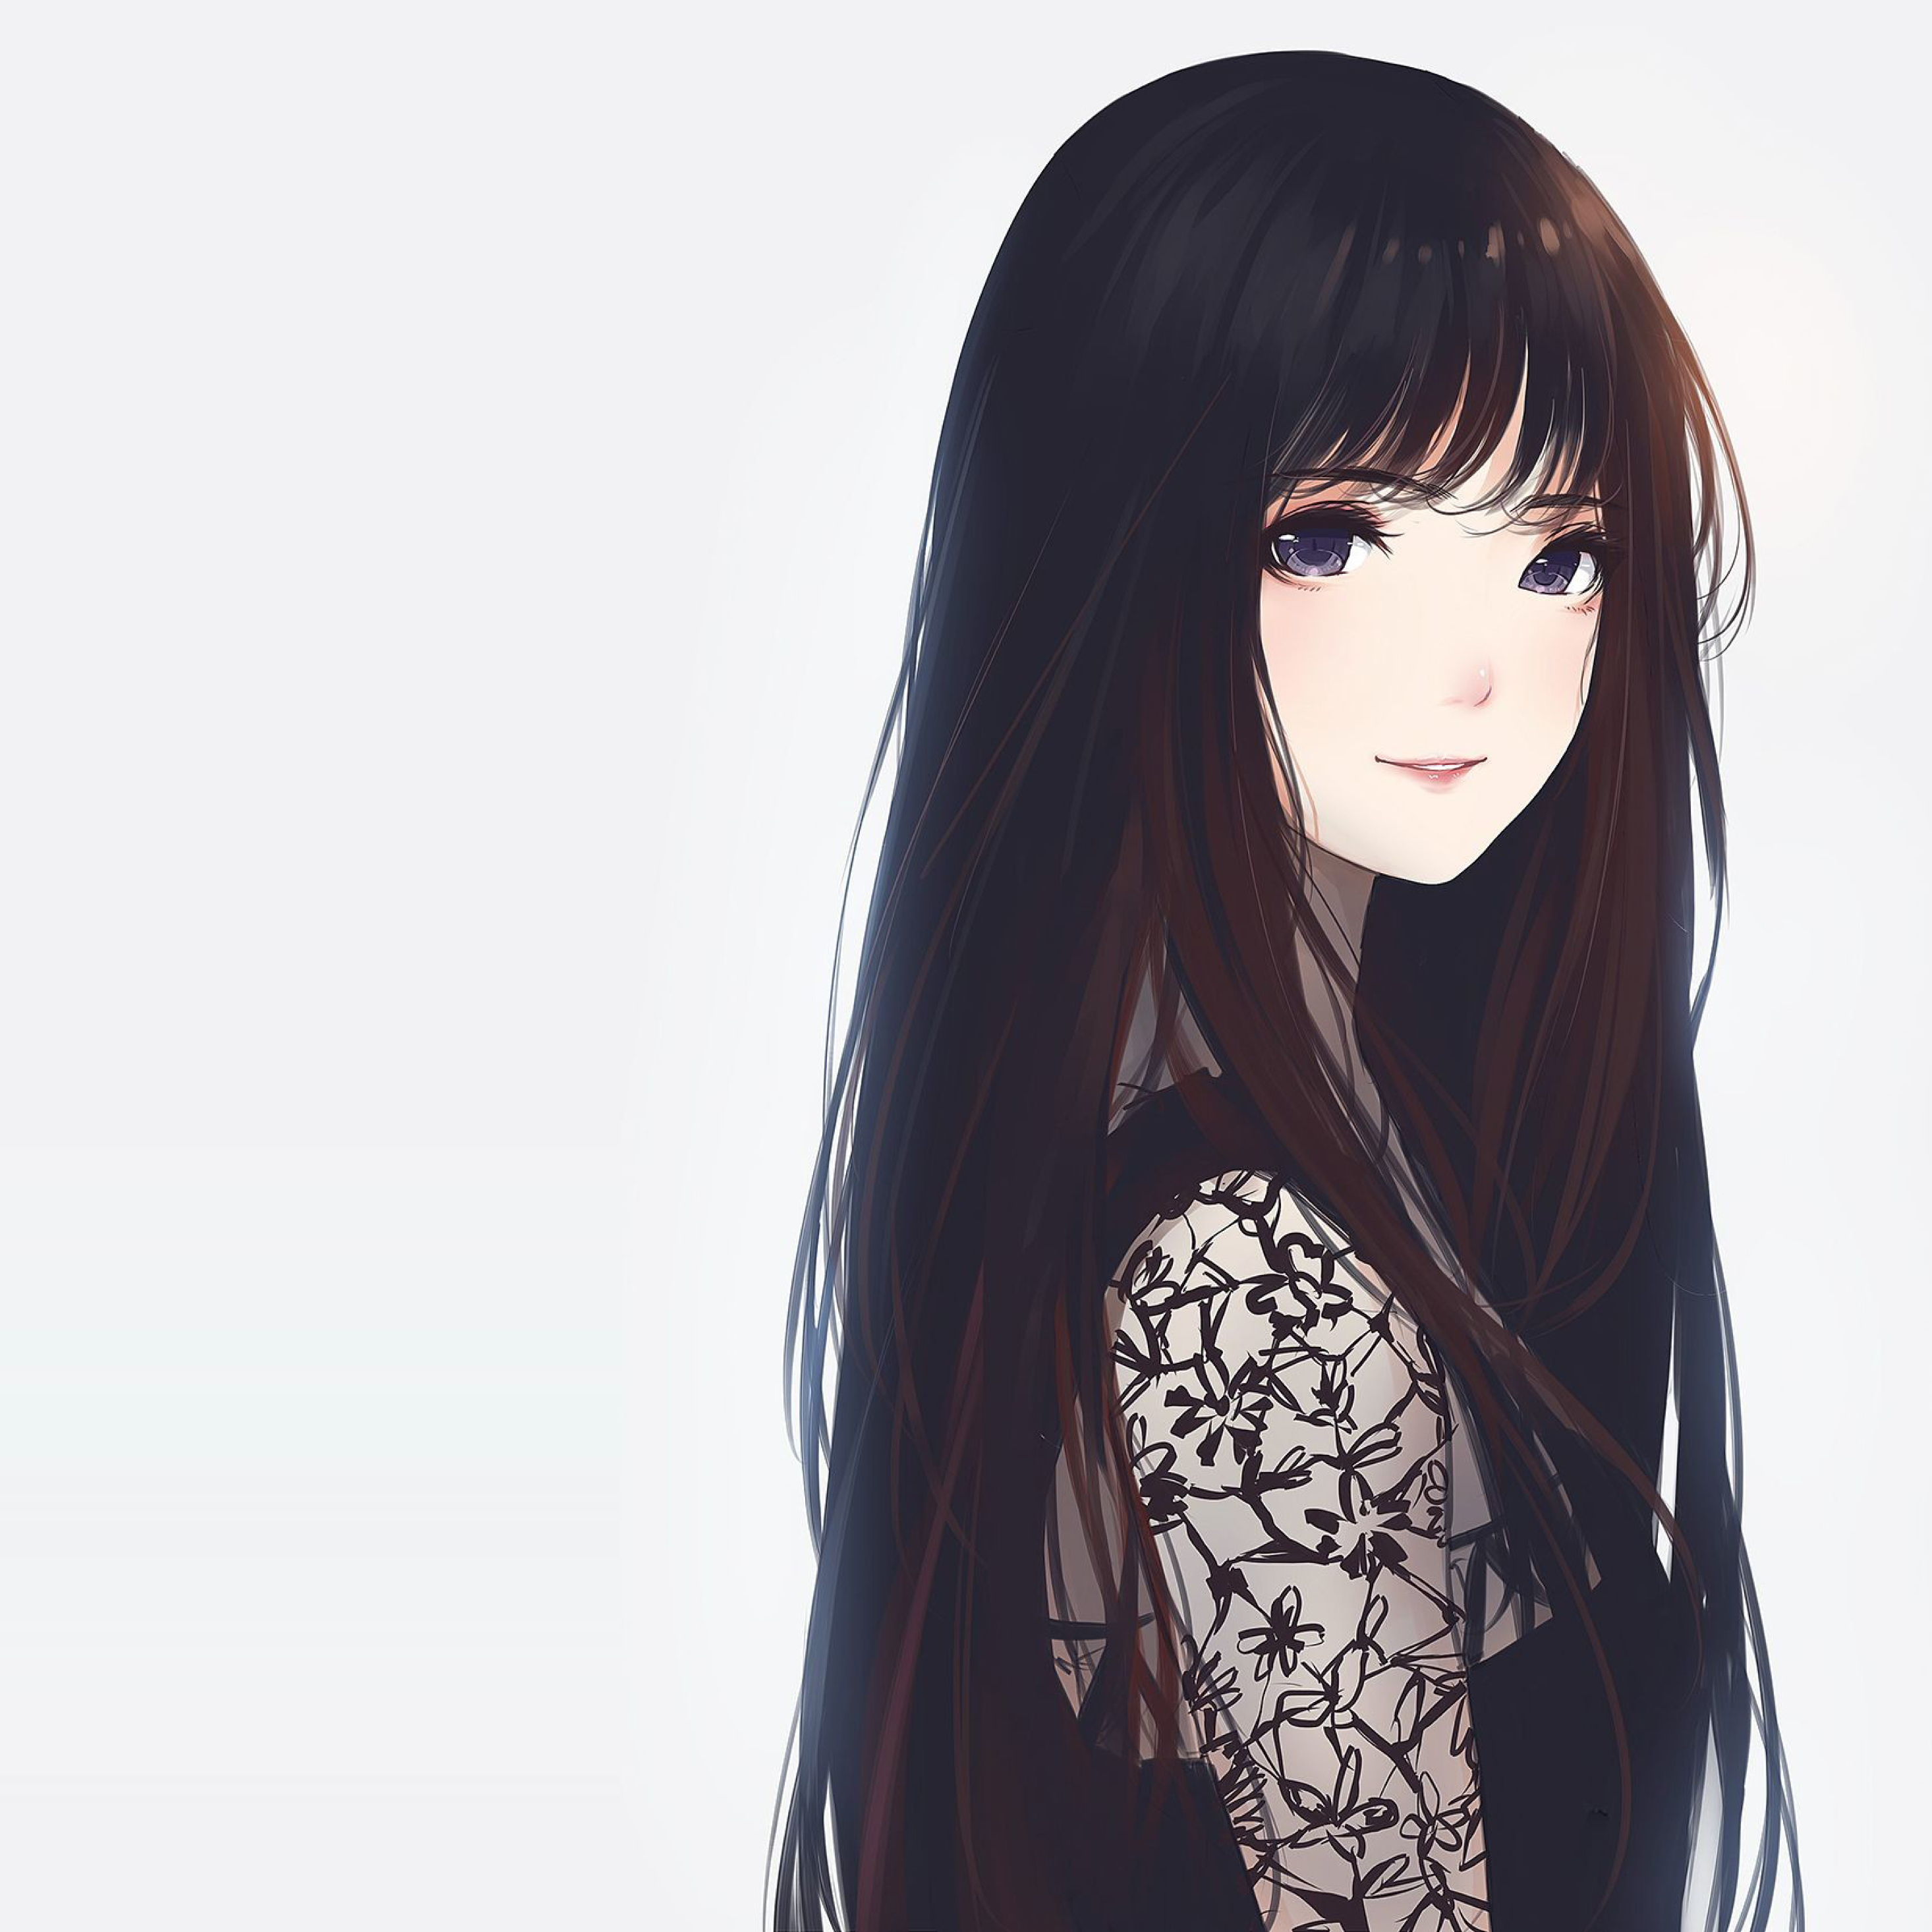 Anime Girl Wallpaper Download: Cute Anime Girl, Full HD 2K Wallpaper